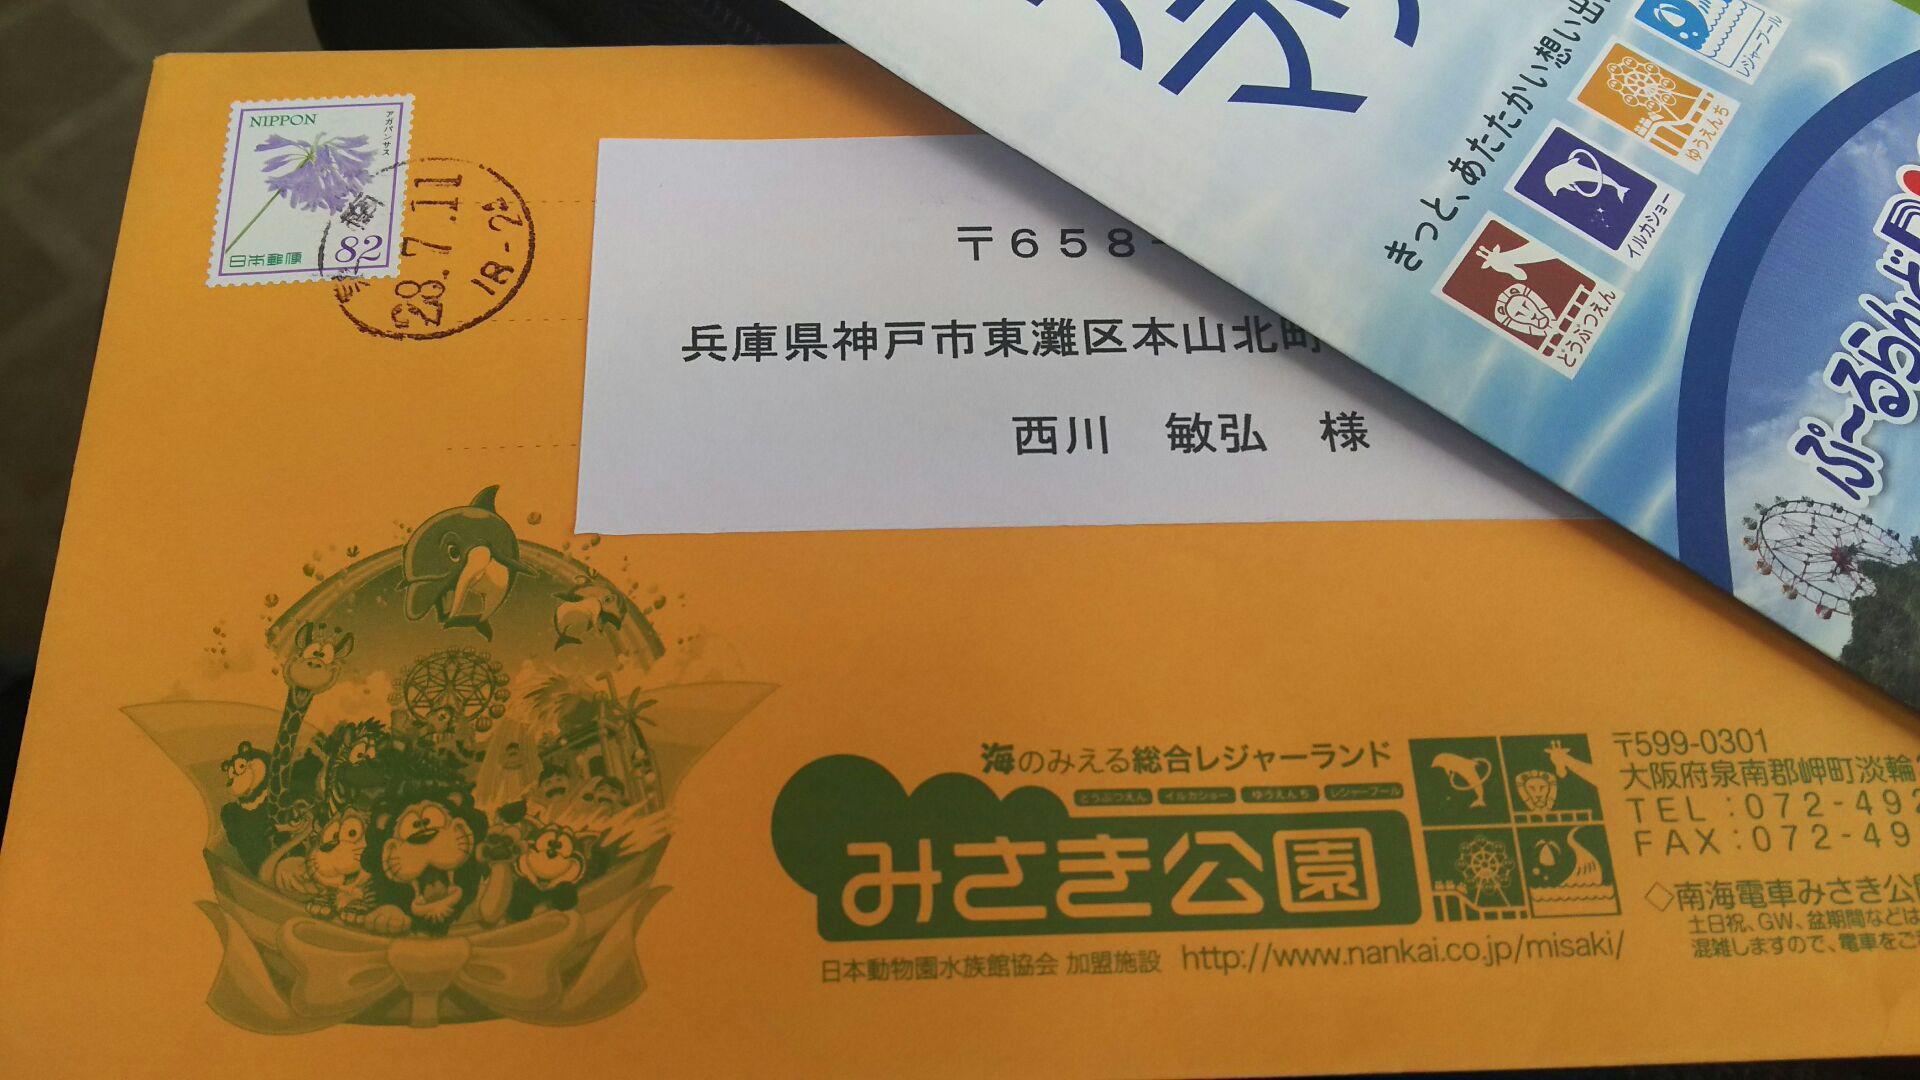 みさき公園 動物写真コンテスト入賞(佳作)通知_a0288226_111329.jpg